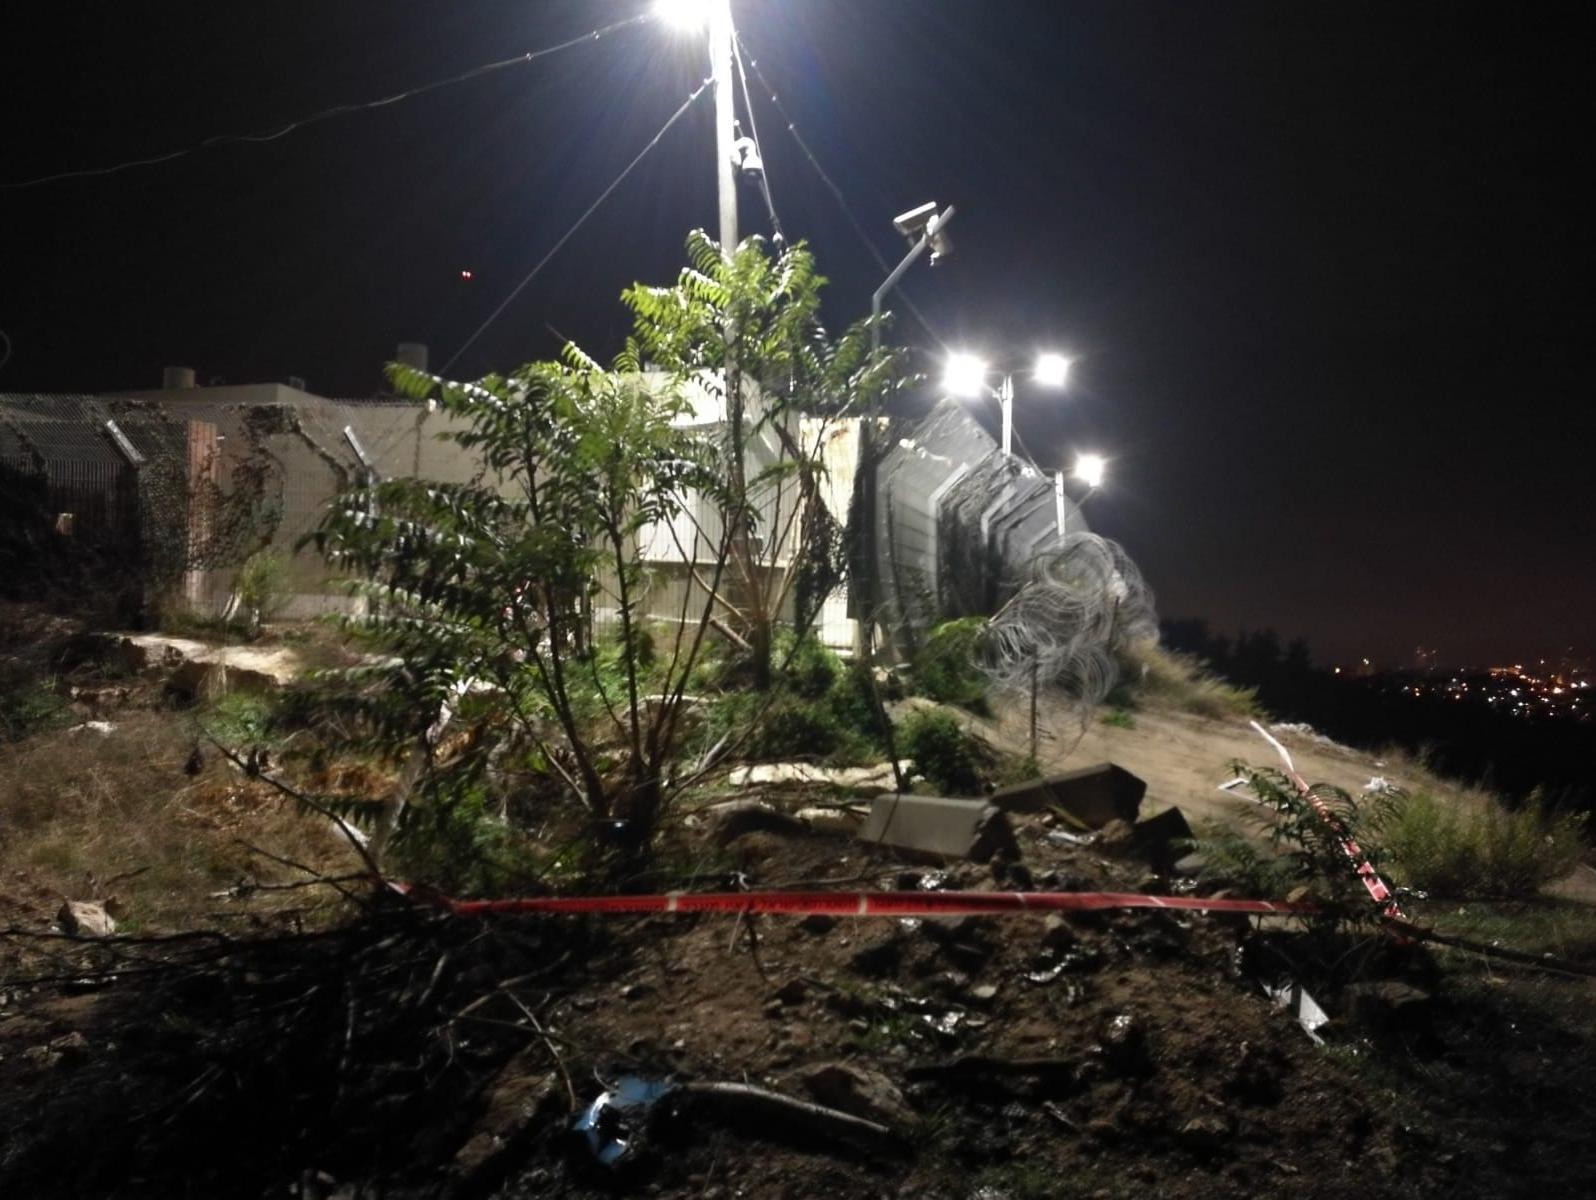 המחבל טיפס על הגדר - למרות המצלמות: מחדל הפיגוע בתחנת המשטרה